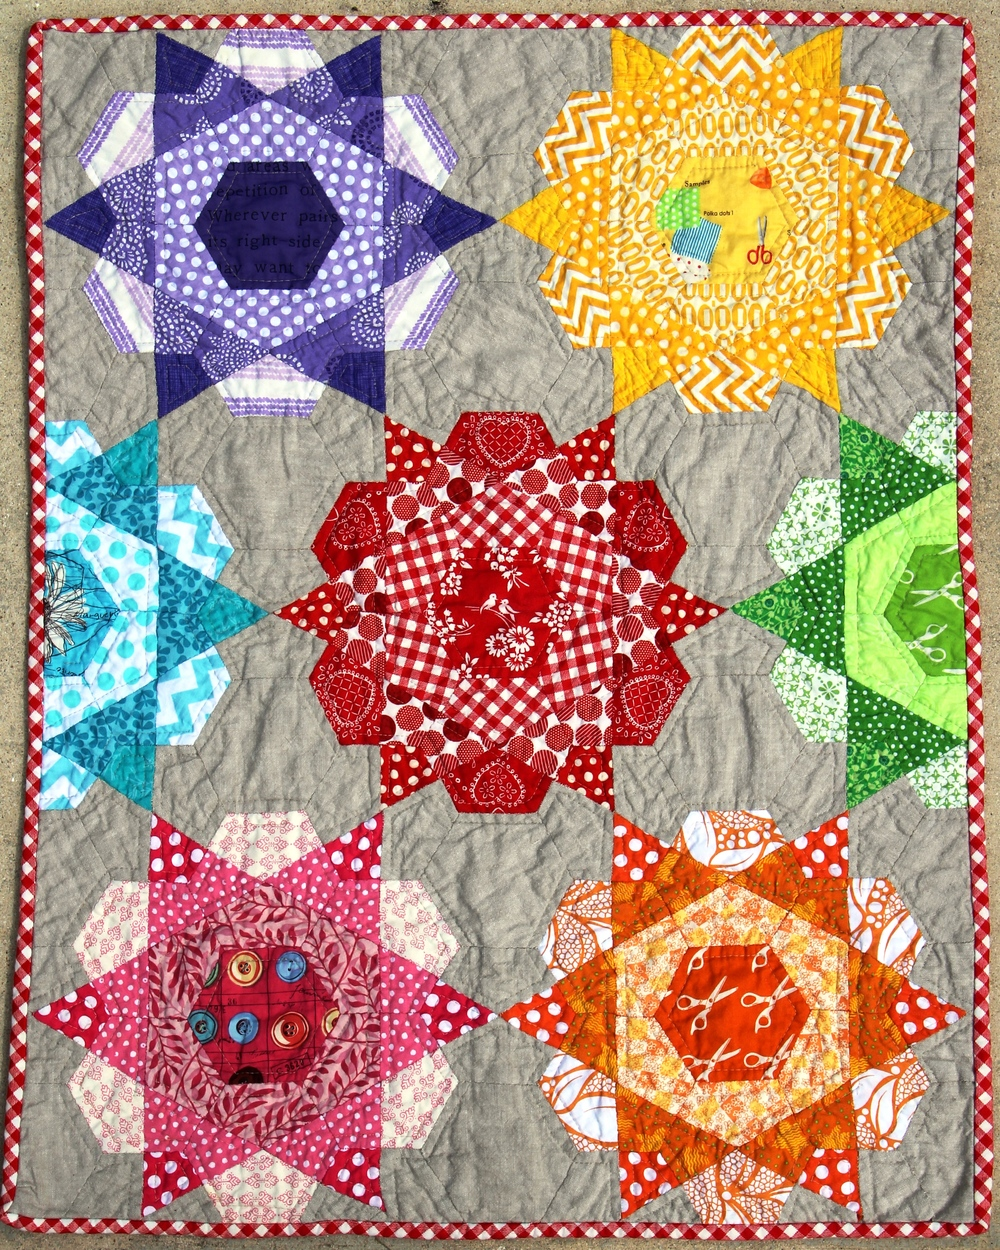 Rose Star EPP quilt (Ivy Bagnall)